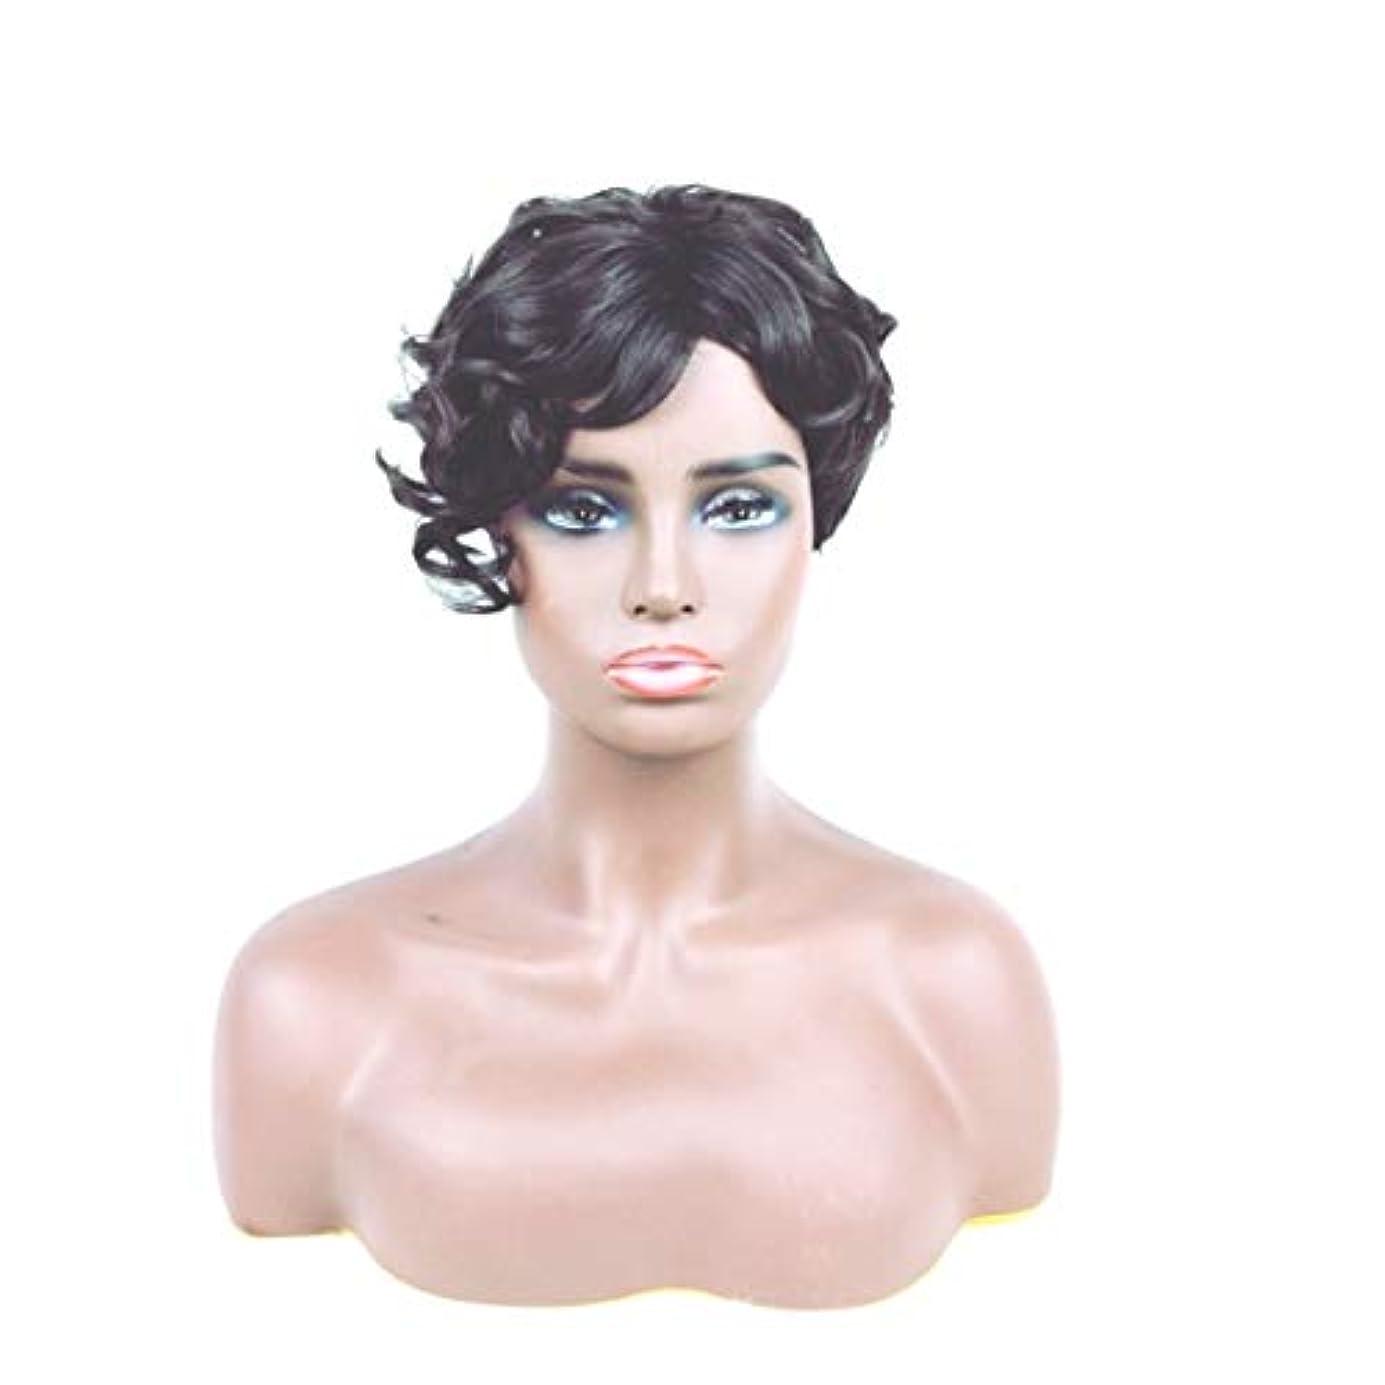 未払い売る未亡人Kerwinner ショートカーリーヘアウィッグ人工毛フルウィッグ自然に見える耐熱性女性用